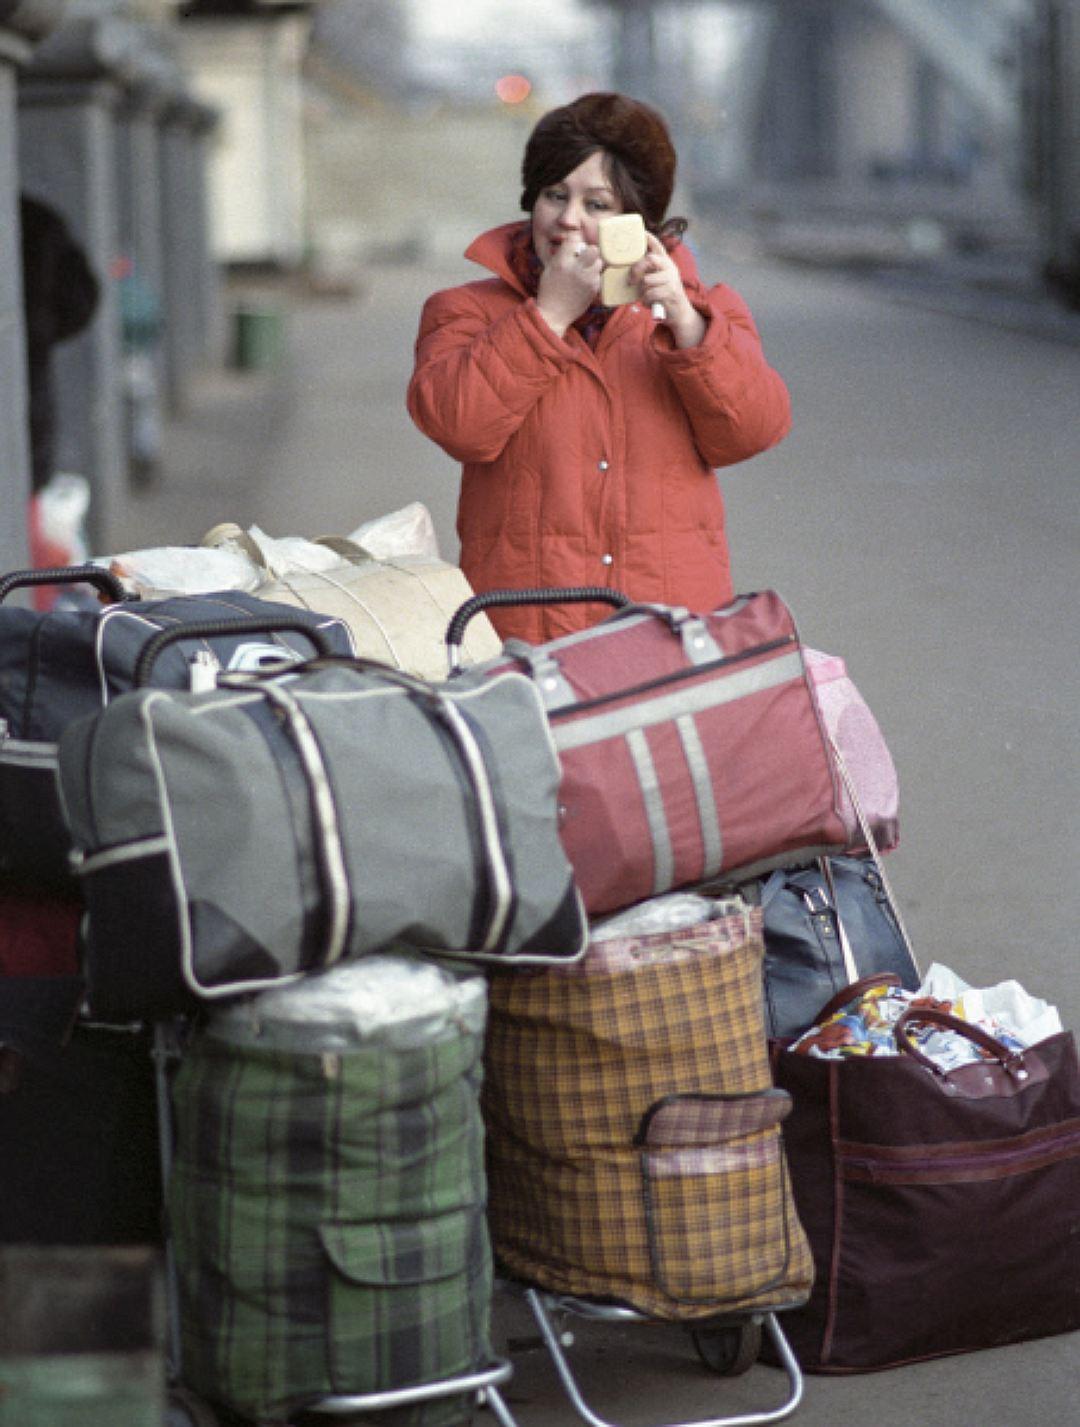 Минск, 1992 год. Женщина в болоньевой куртке. Жатые плащи Их носили более обеспеченные люди, но и эт